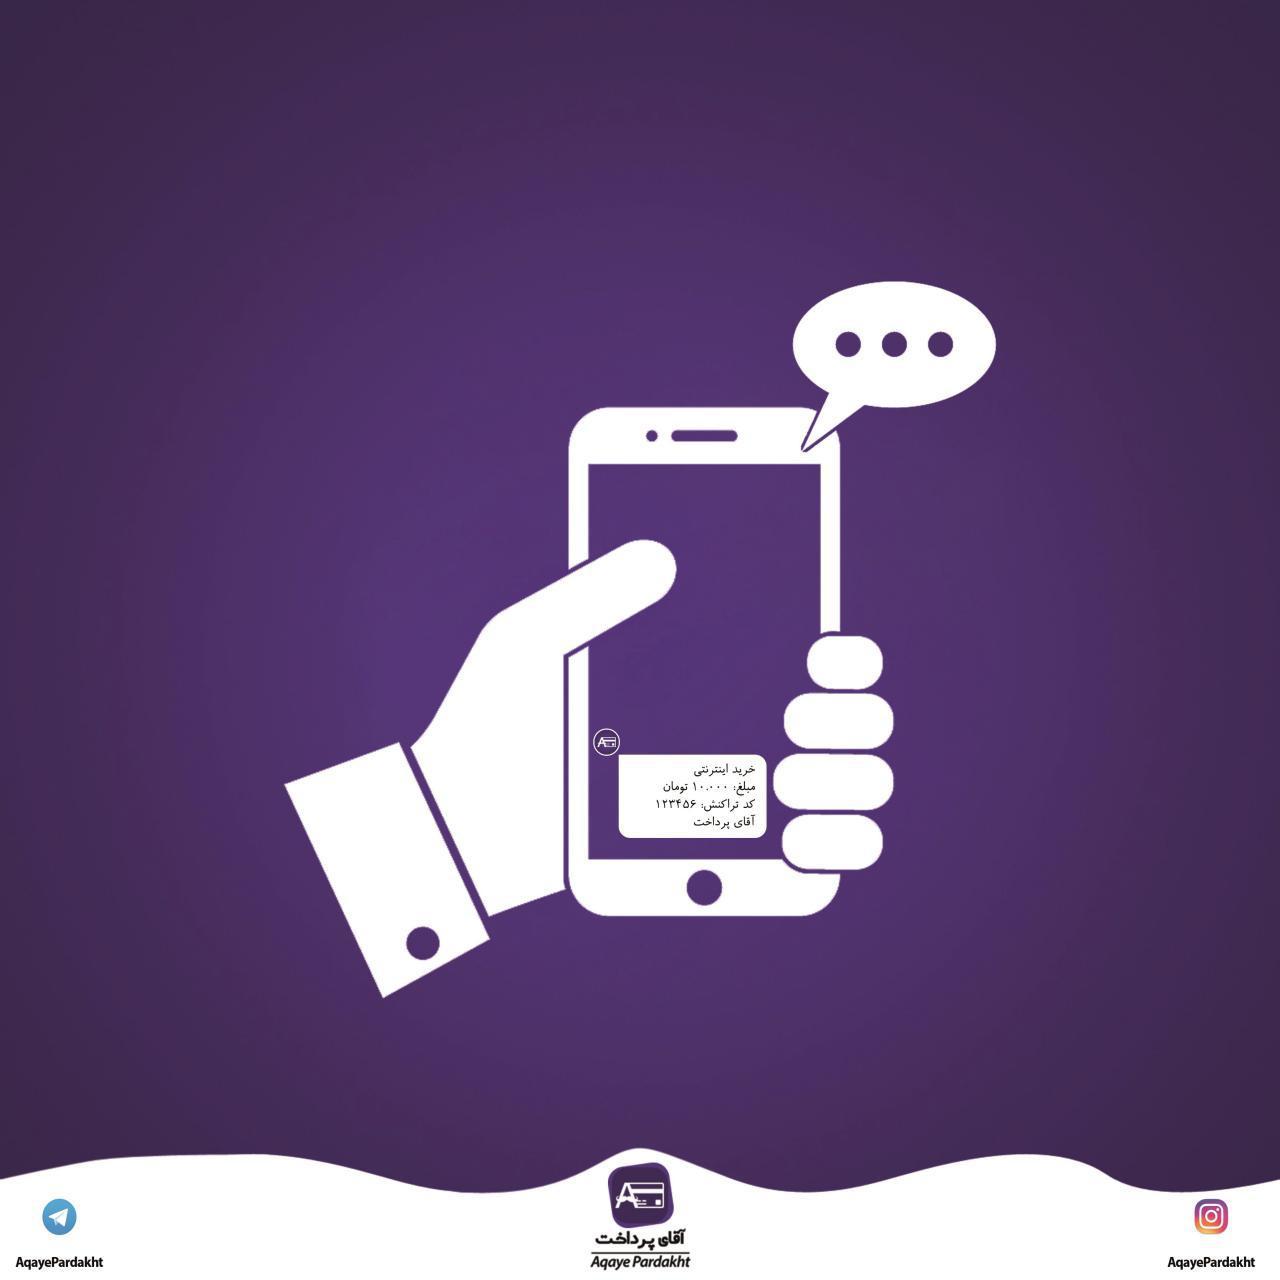 پیامک پیگیری برای پرداخت کننده